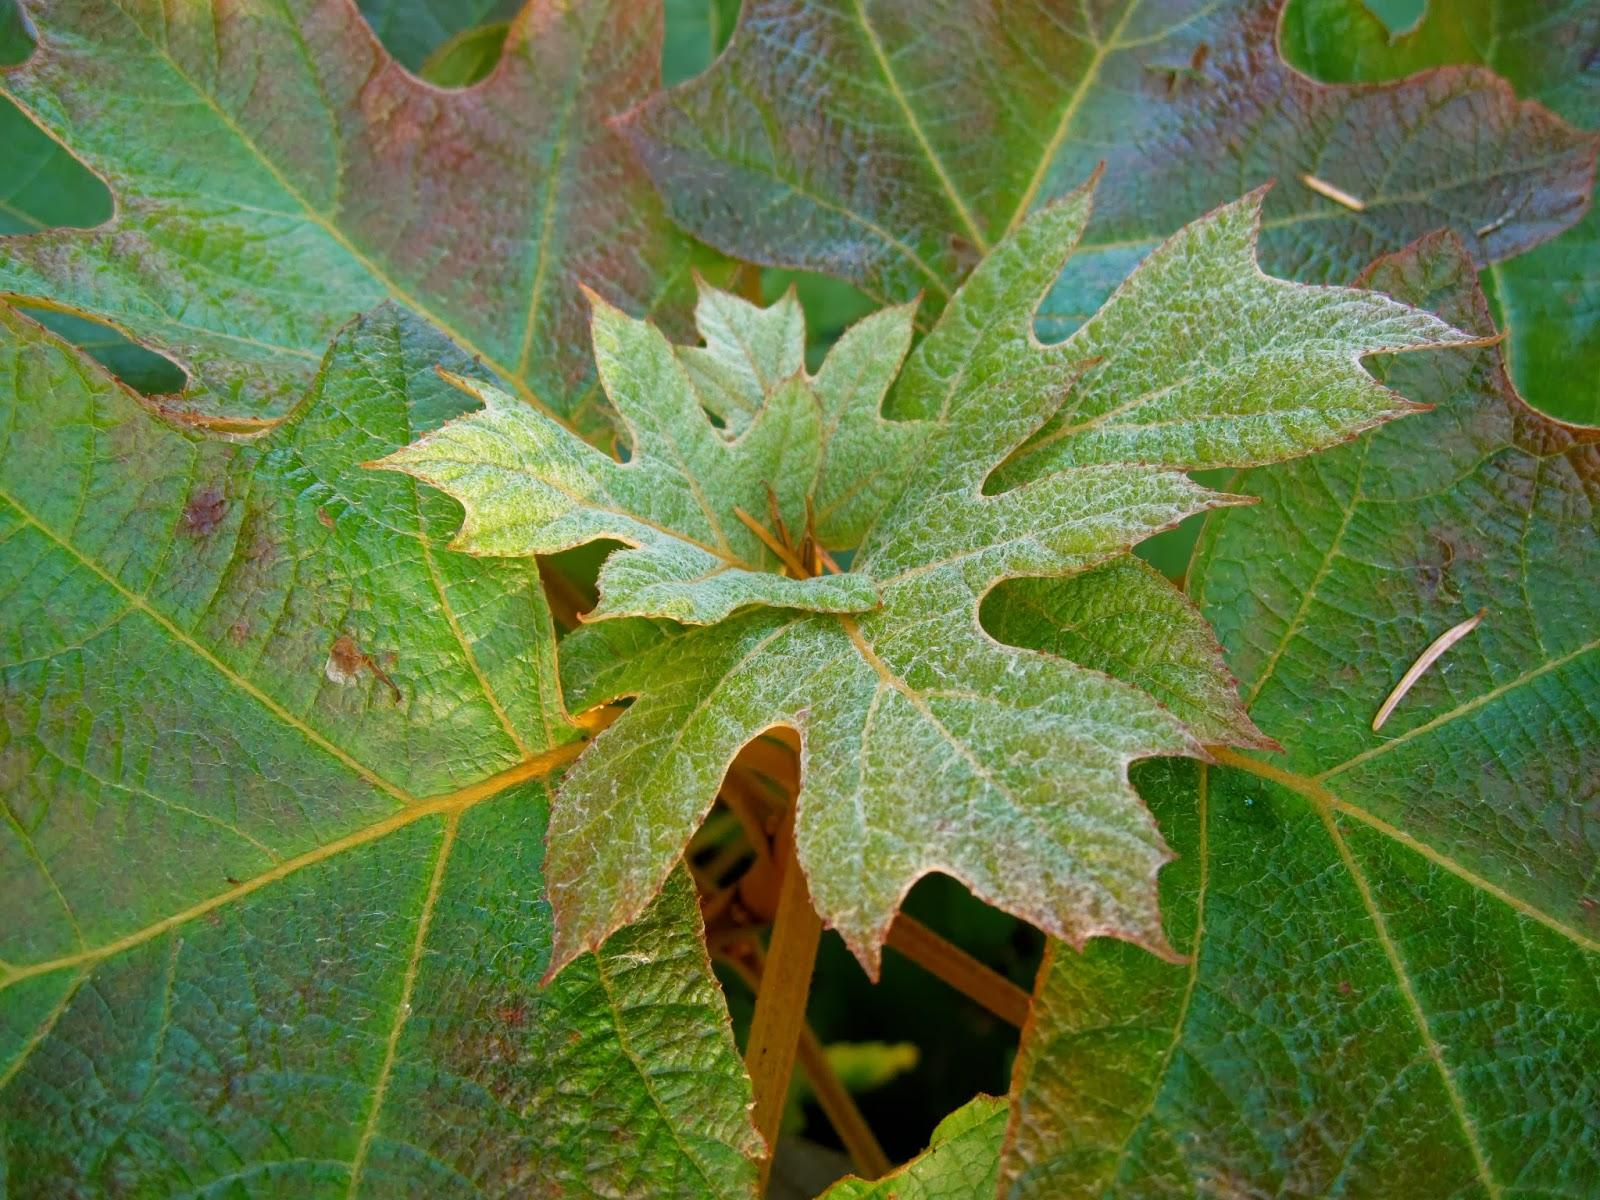 Bonney lassie hydrangea quercifolia on a frosty morning for Hydrangea quercifolia